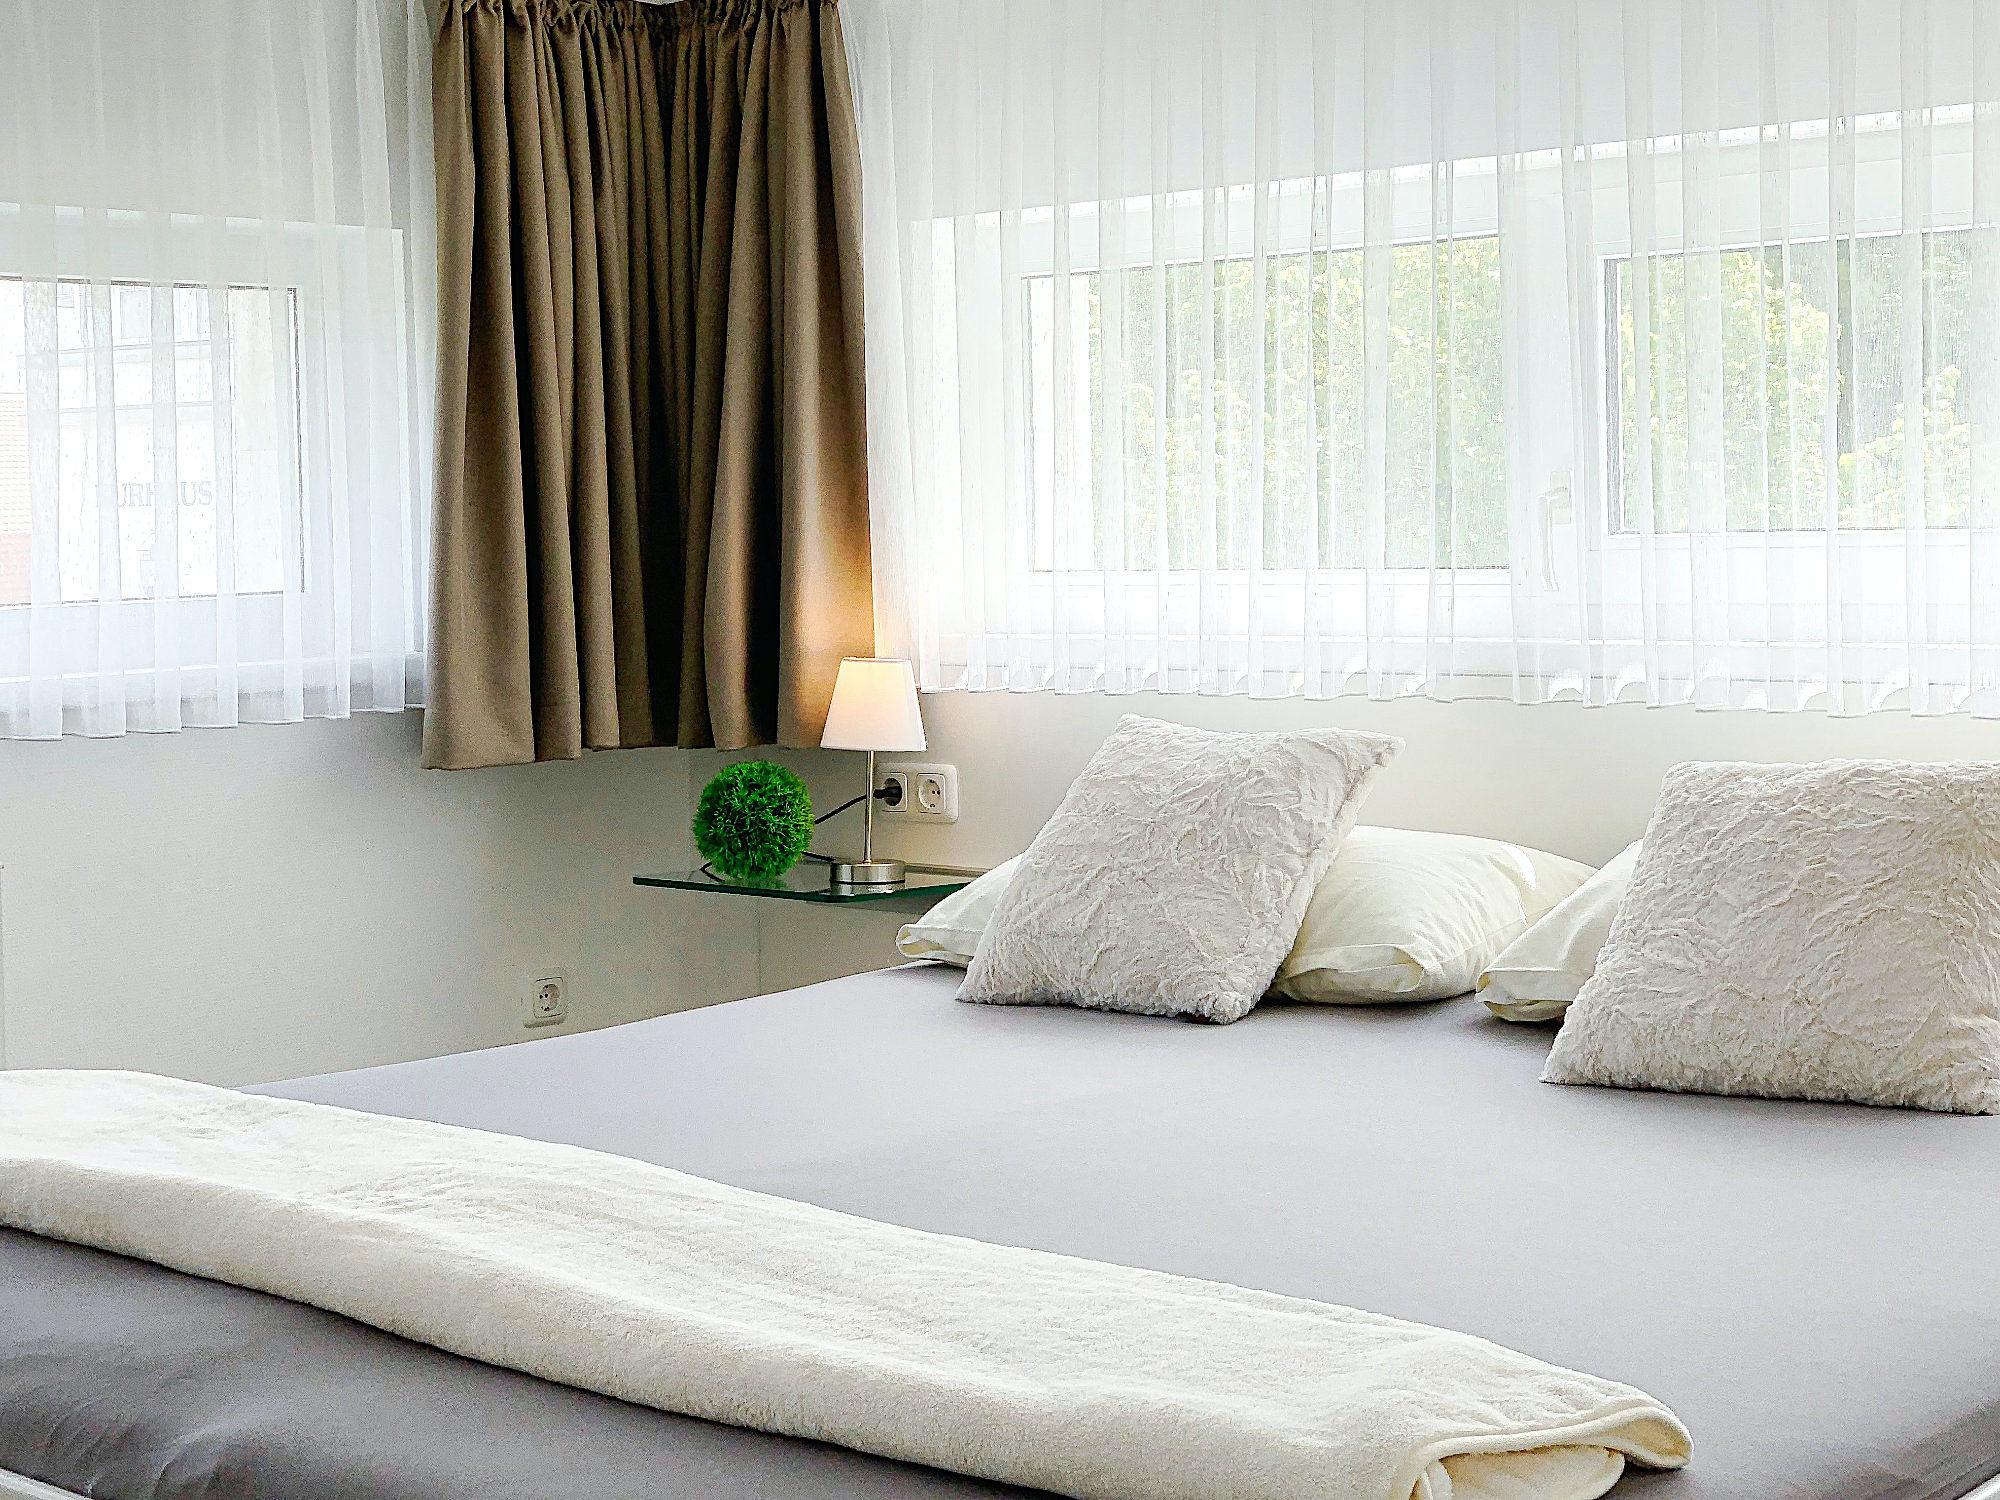 Zweites Schlafzimmer mit Doppelbett, an zwei Wänden mehrere Fenster